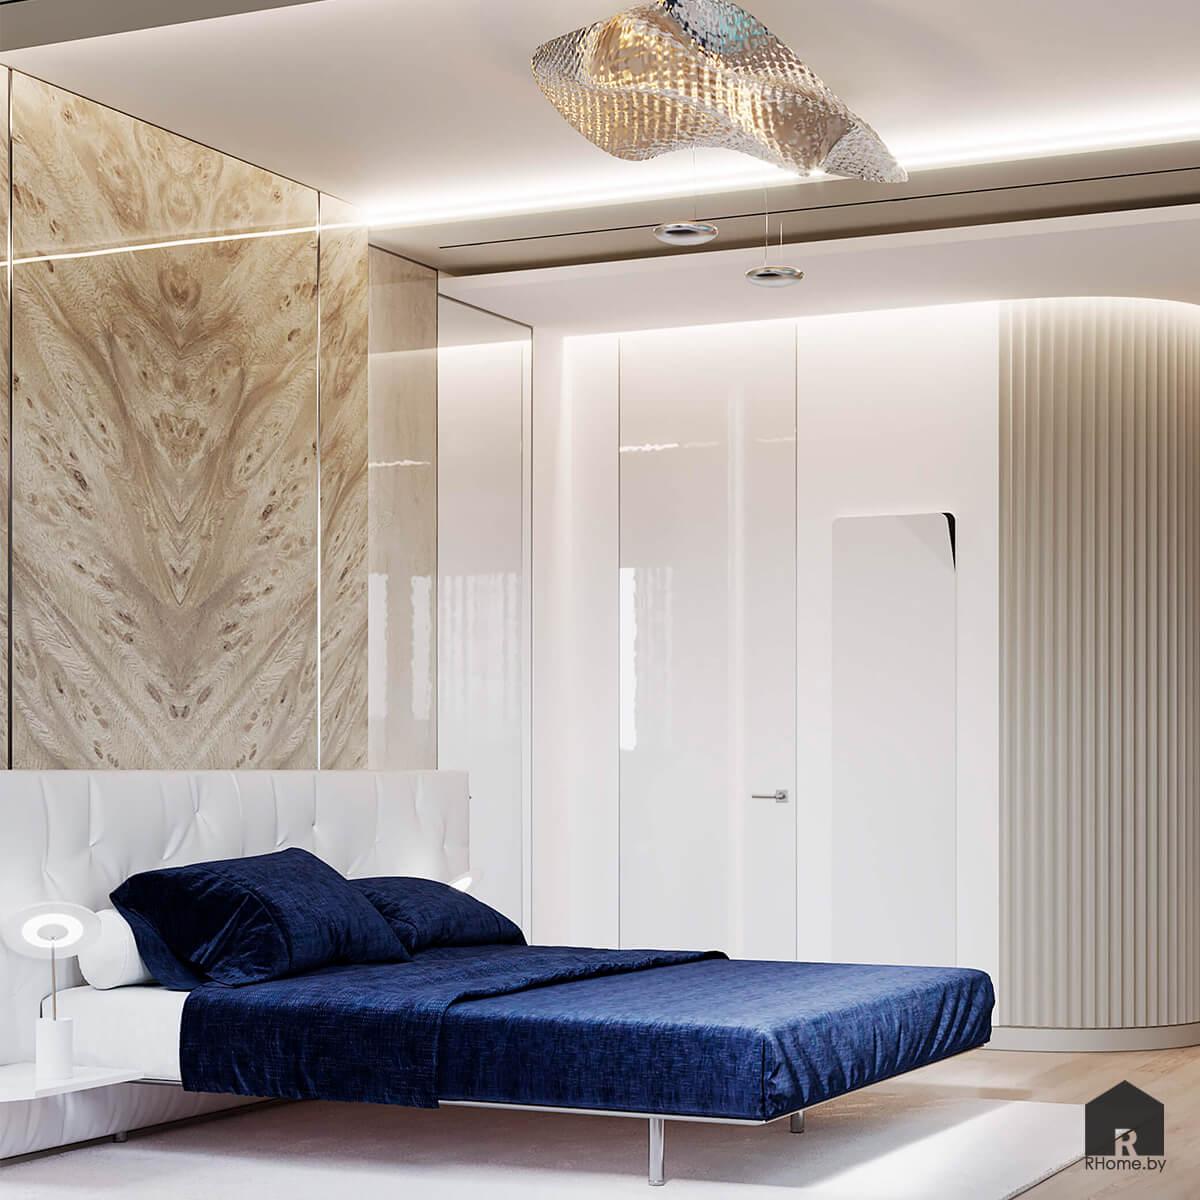 Квартира в Москве. Синяя кровать у панно из керамогранита, стоящая под металической авангардной люстрой.